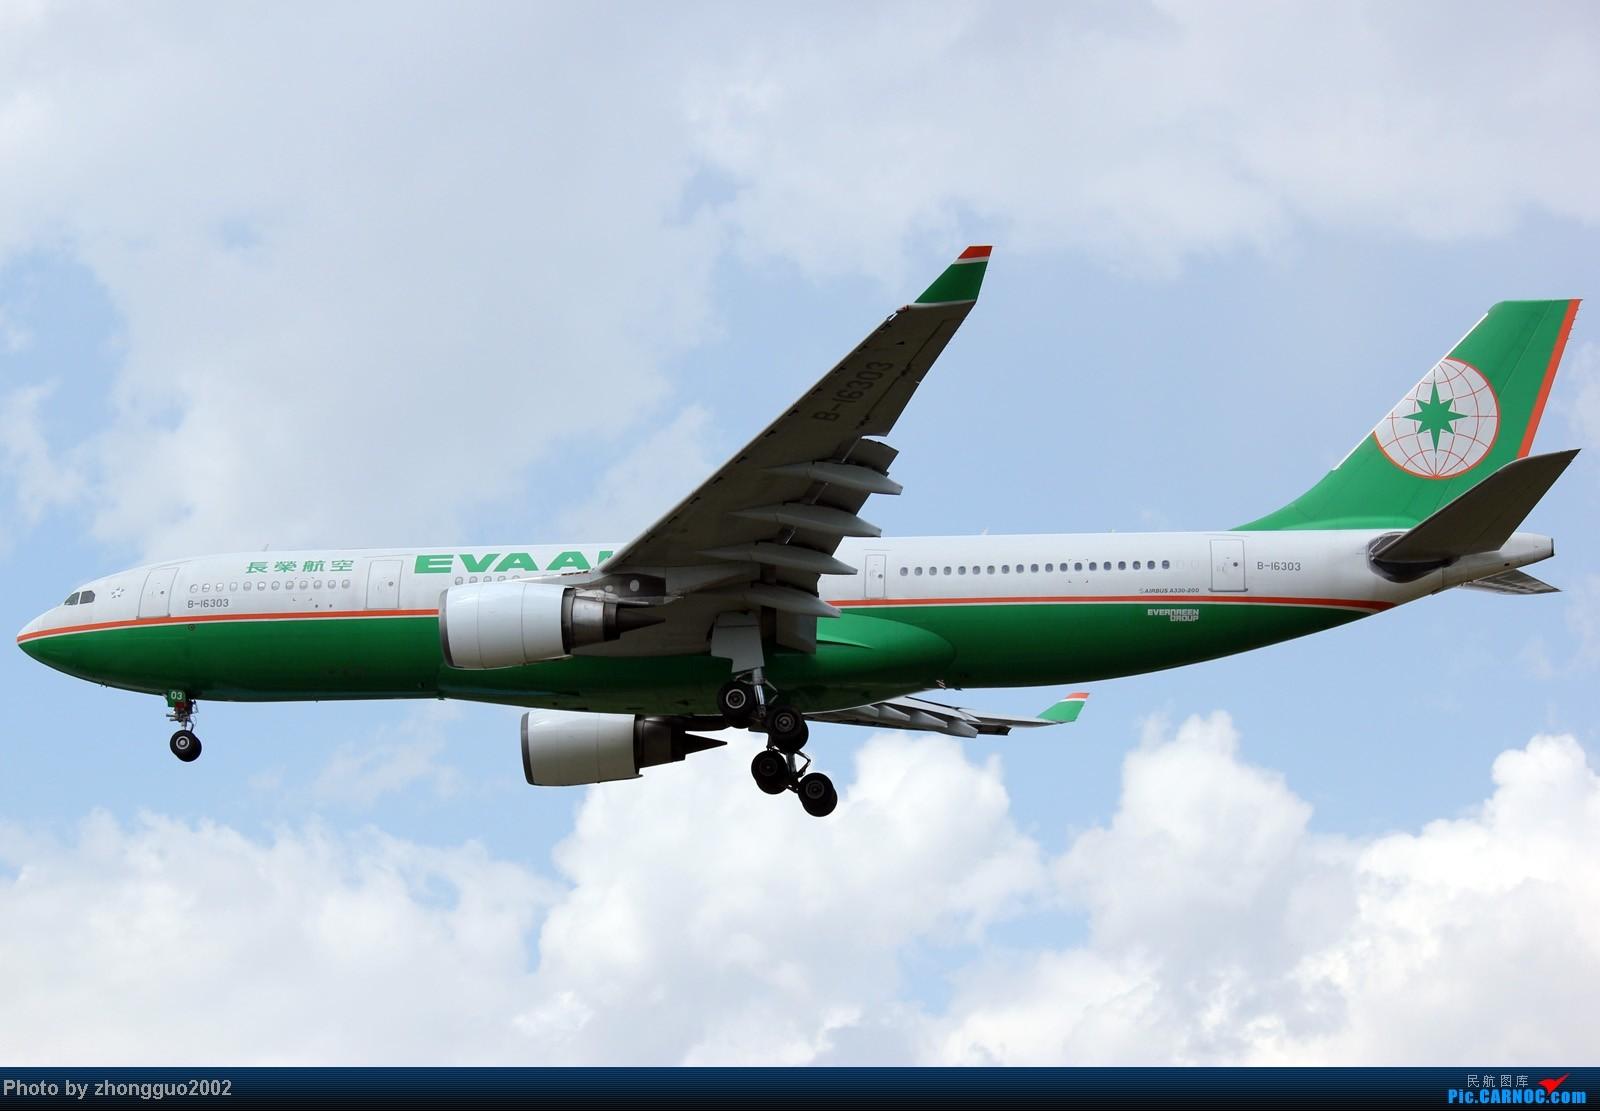 Re:[原创]东航的新邮戳321,世博彩绘机,南航、瑞丽、河北、深圳航空的新飞机,香港航空、长荣航空、远东、韩国济州航空的飞机,国航772,大大小小一堆飞机!!!! AIRBUS A330-200 B-16303 中国呼和浩特白塔机场